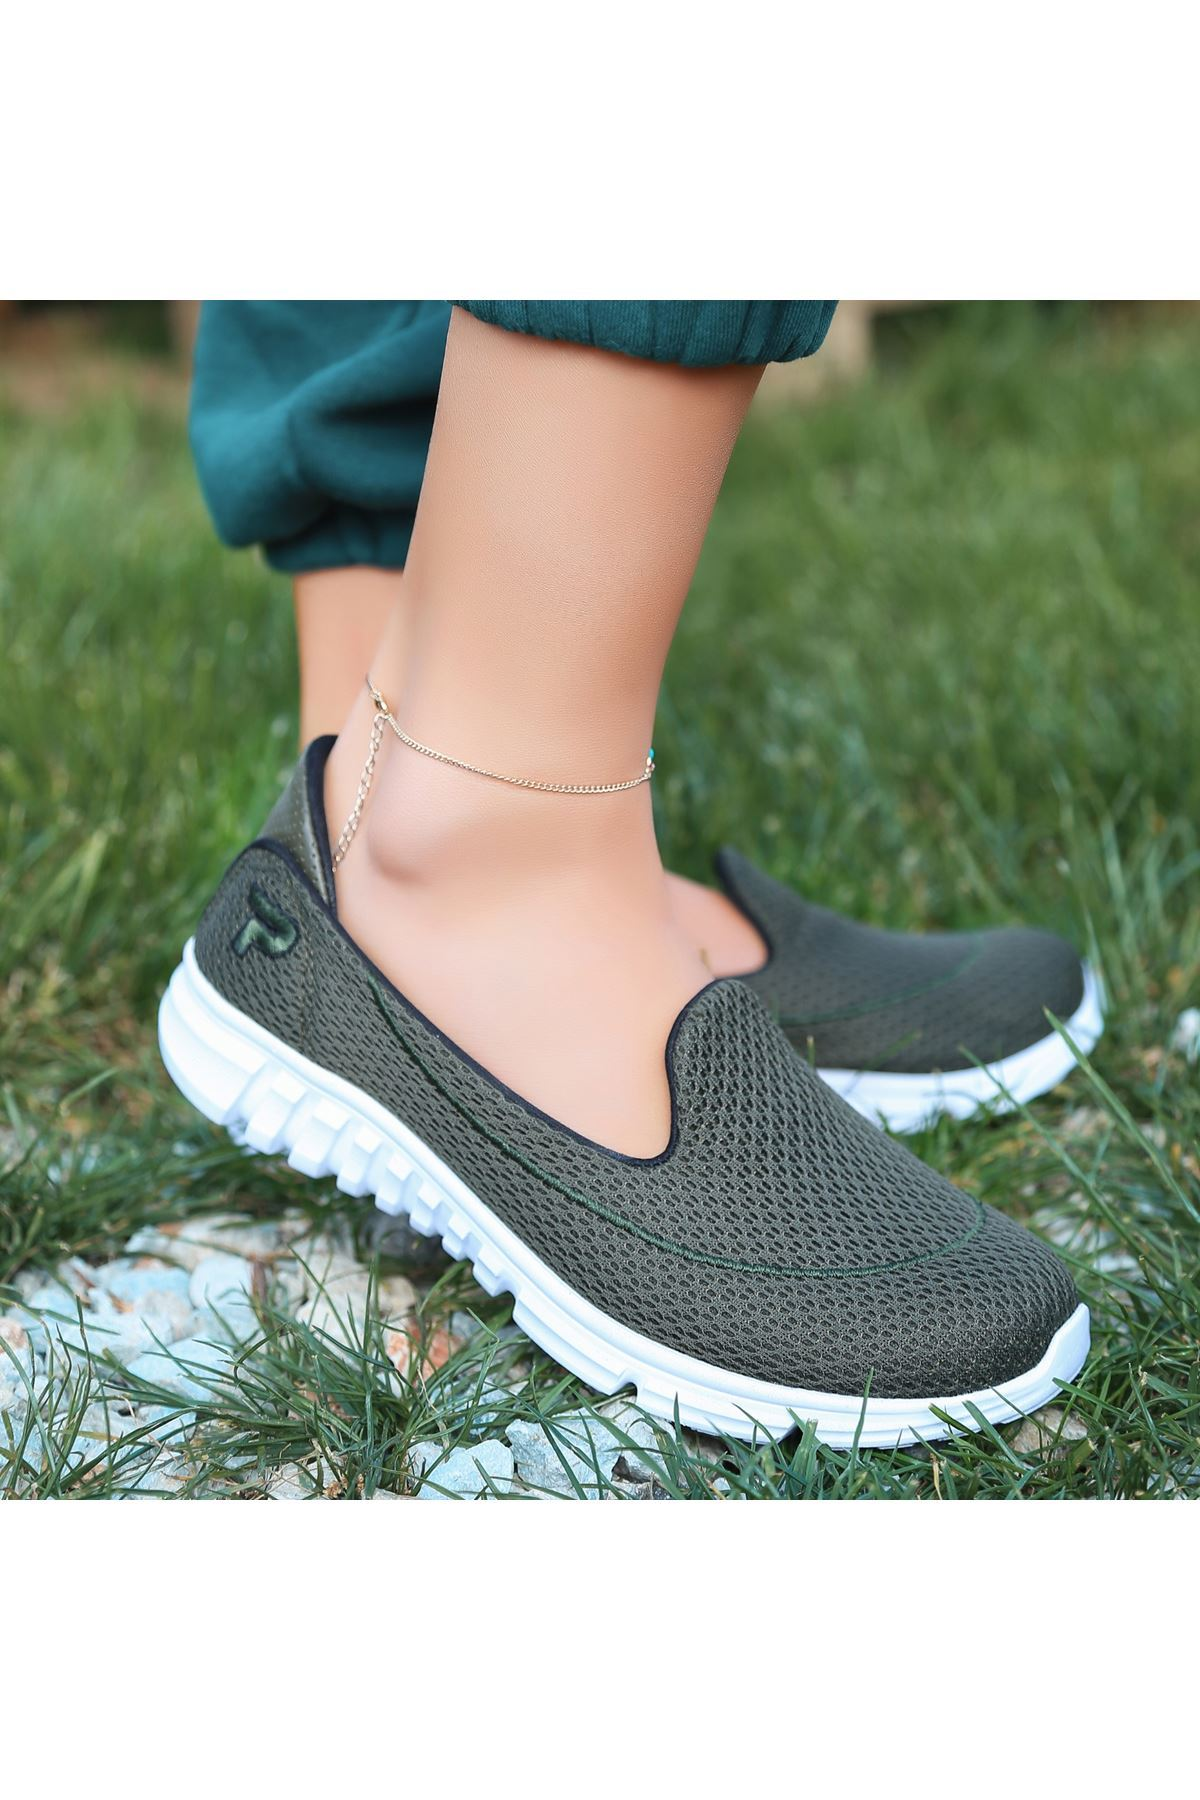 Wian Haki Yeşil Streç Spor Ayakkabı